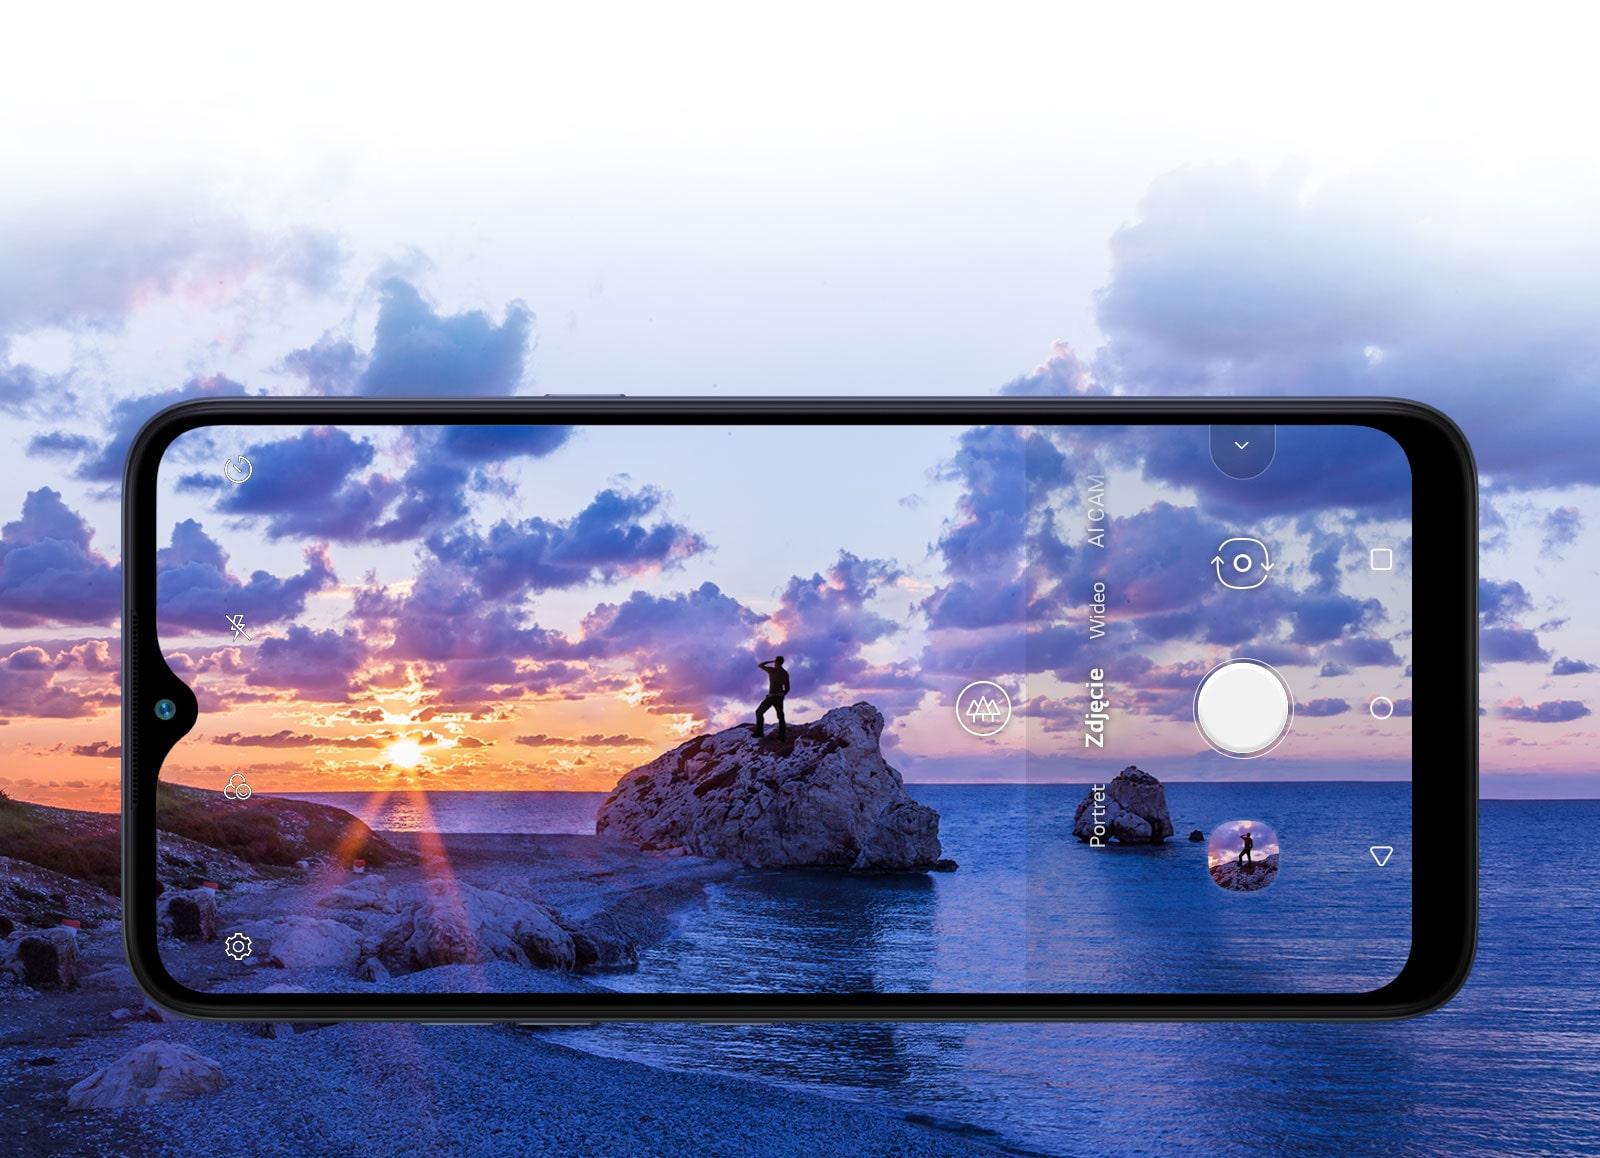 Smartfon fotografujący mężczyznę oglądającego zachód słońca na plaży